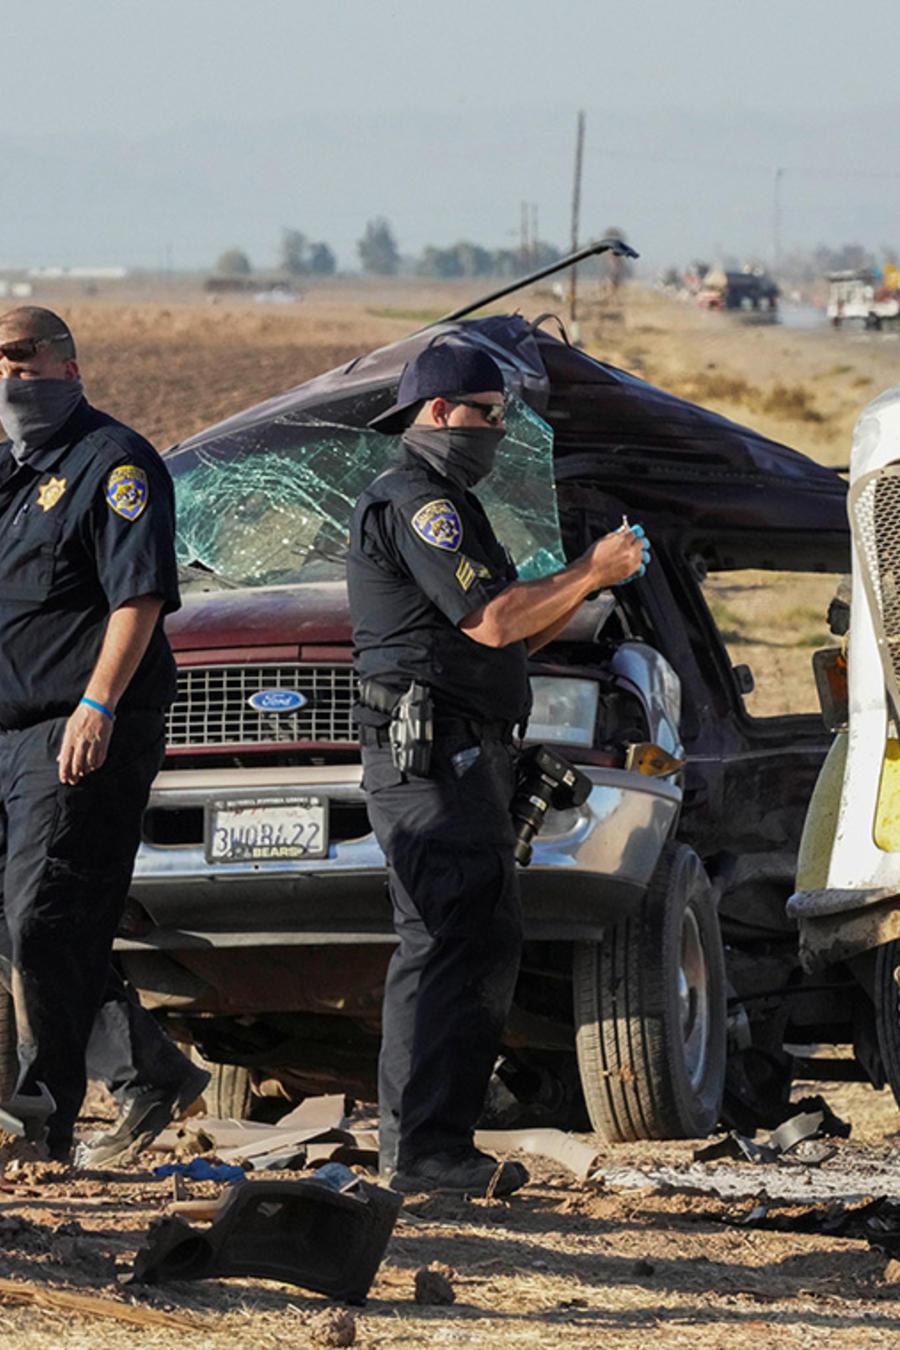 msn, policías investigan la escena del choque entre una camioneta y un camión en el sur de California